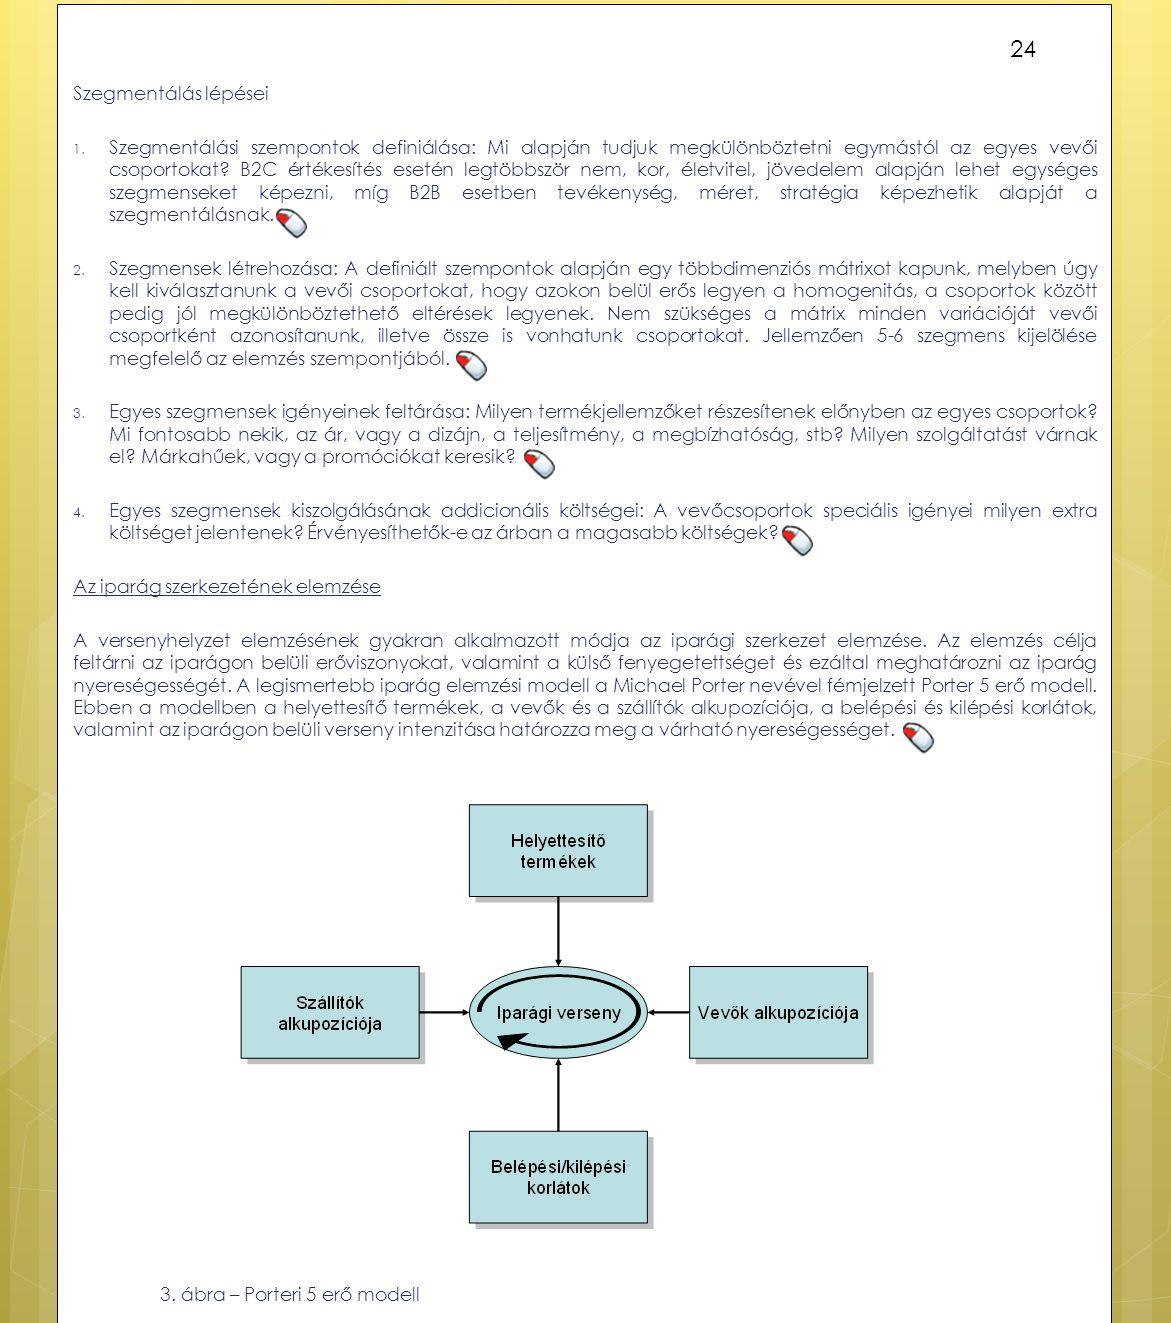 Szegmentálás lépései 1. Szegmentálási szempontok definiálása: Mi alapján tudjuk megkülönböztetni egymástól az egyes vevői csoportokat? B2C értékesítés